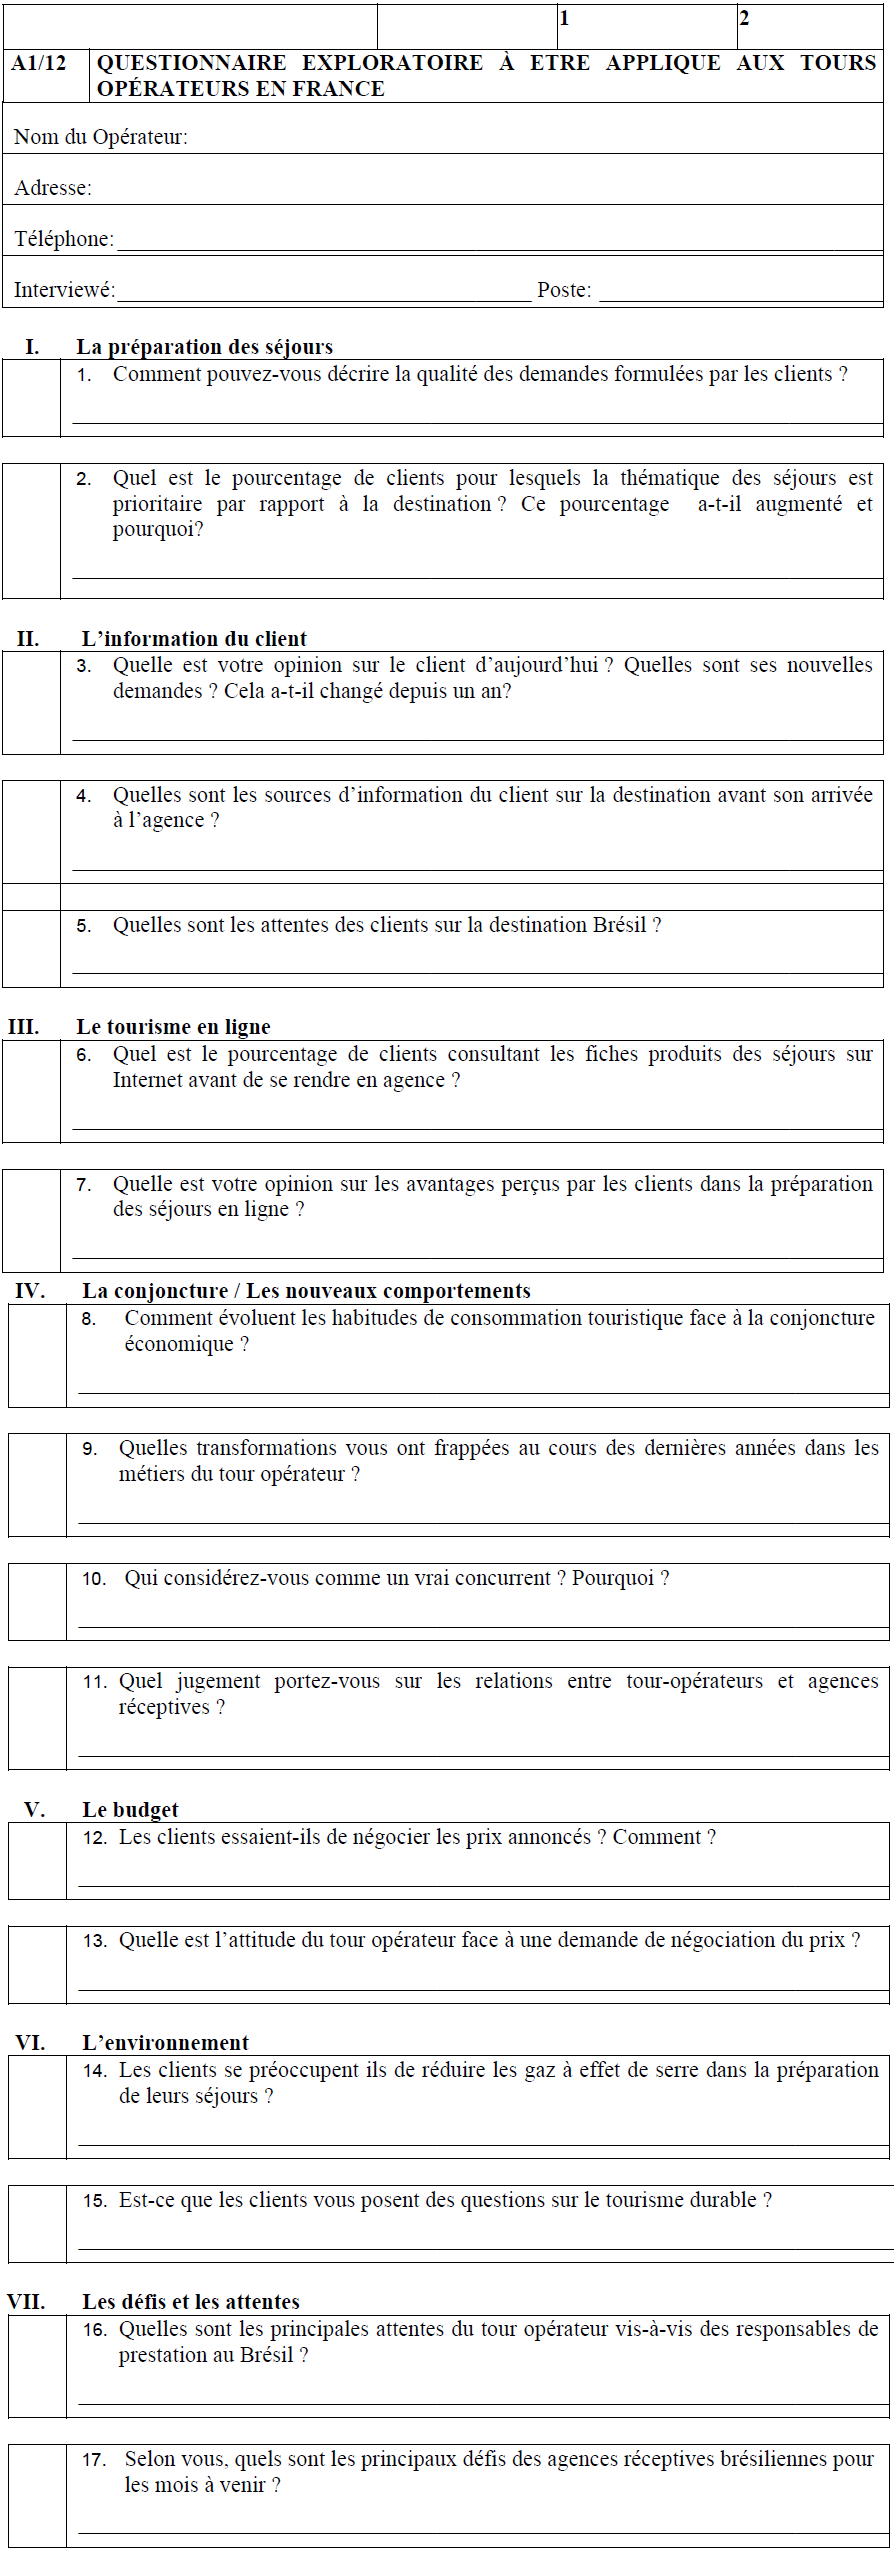 Questionnaire exploratoire aux tours opérateurs en France